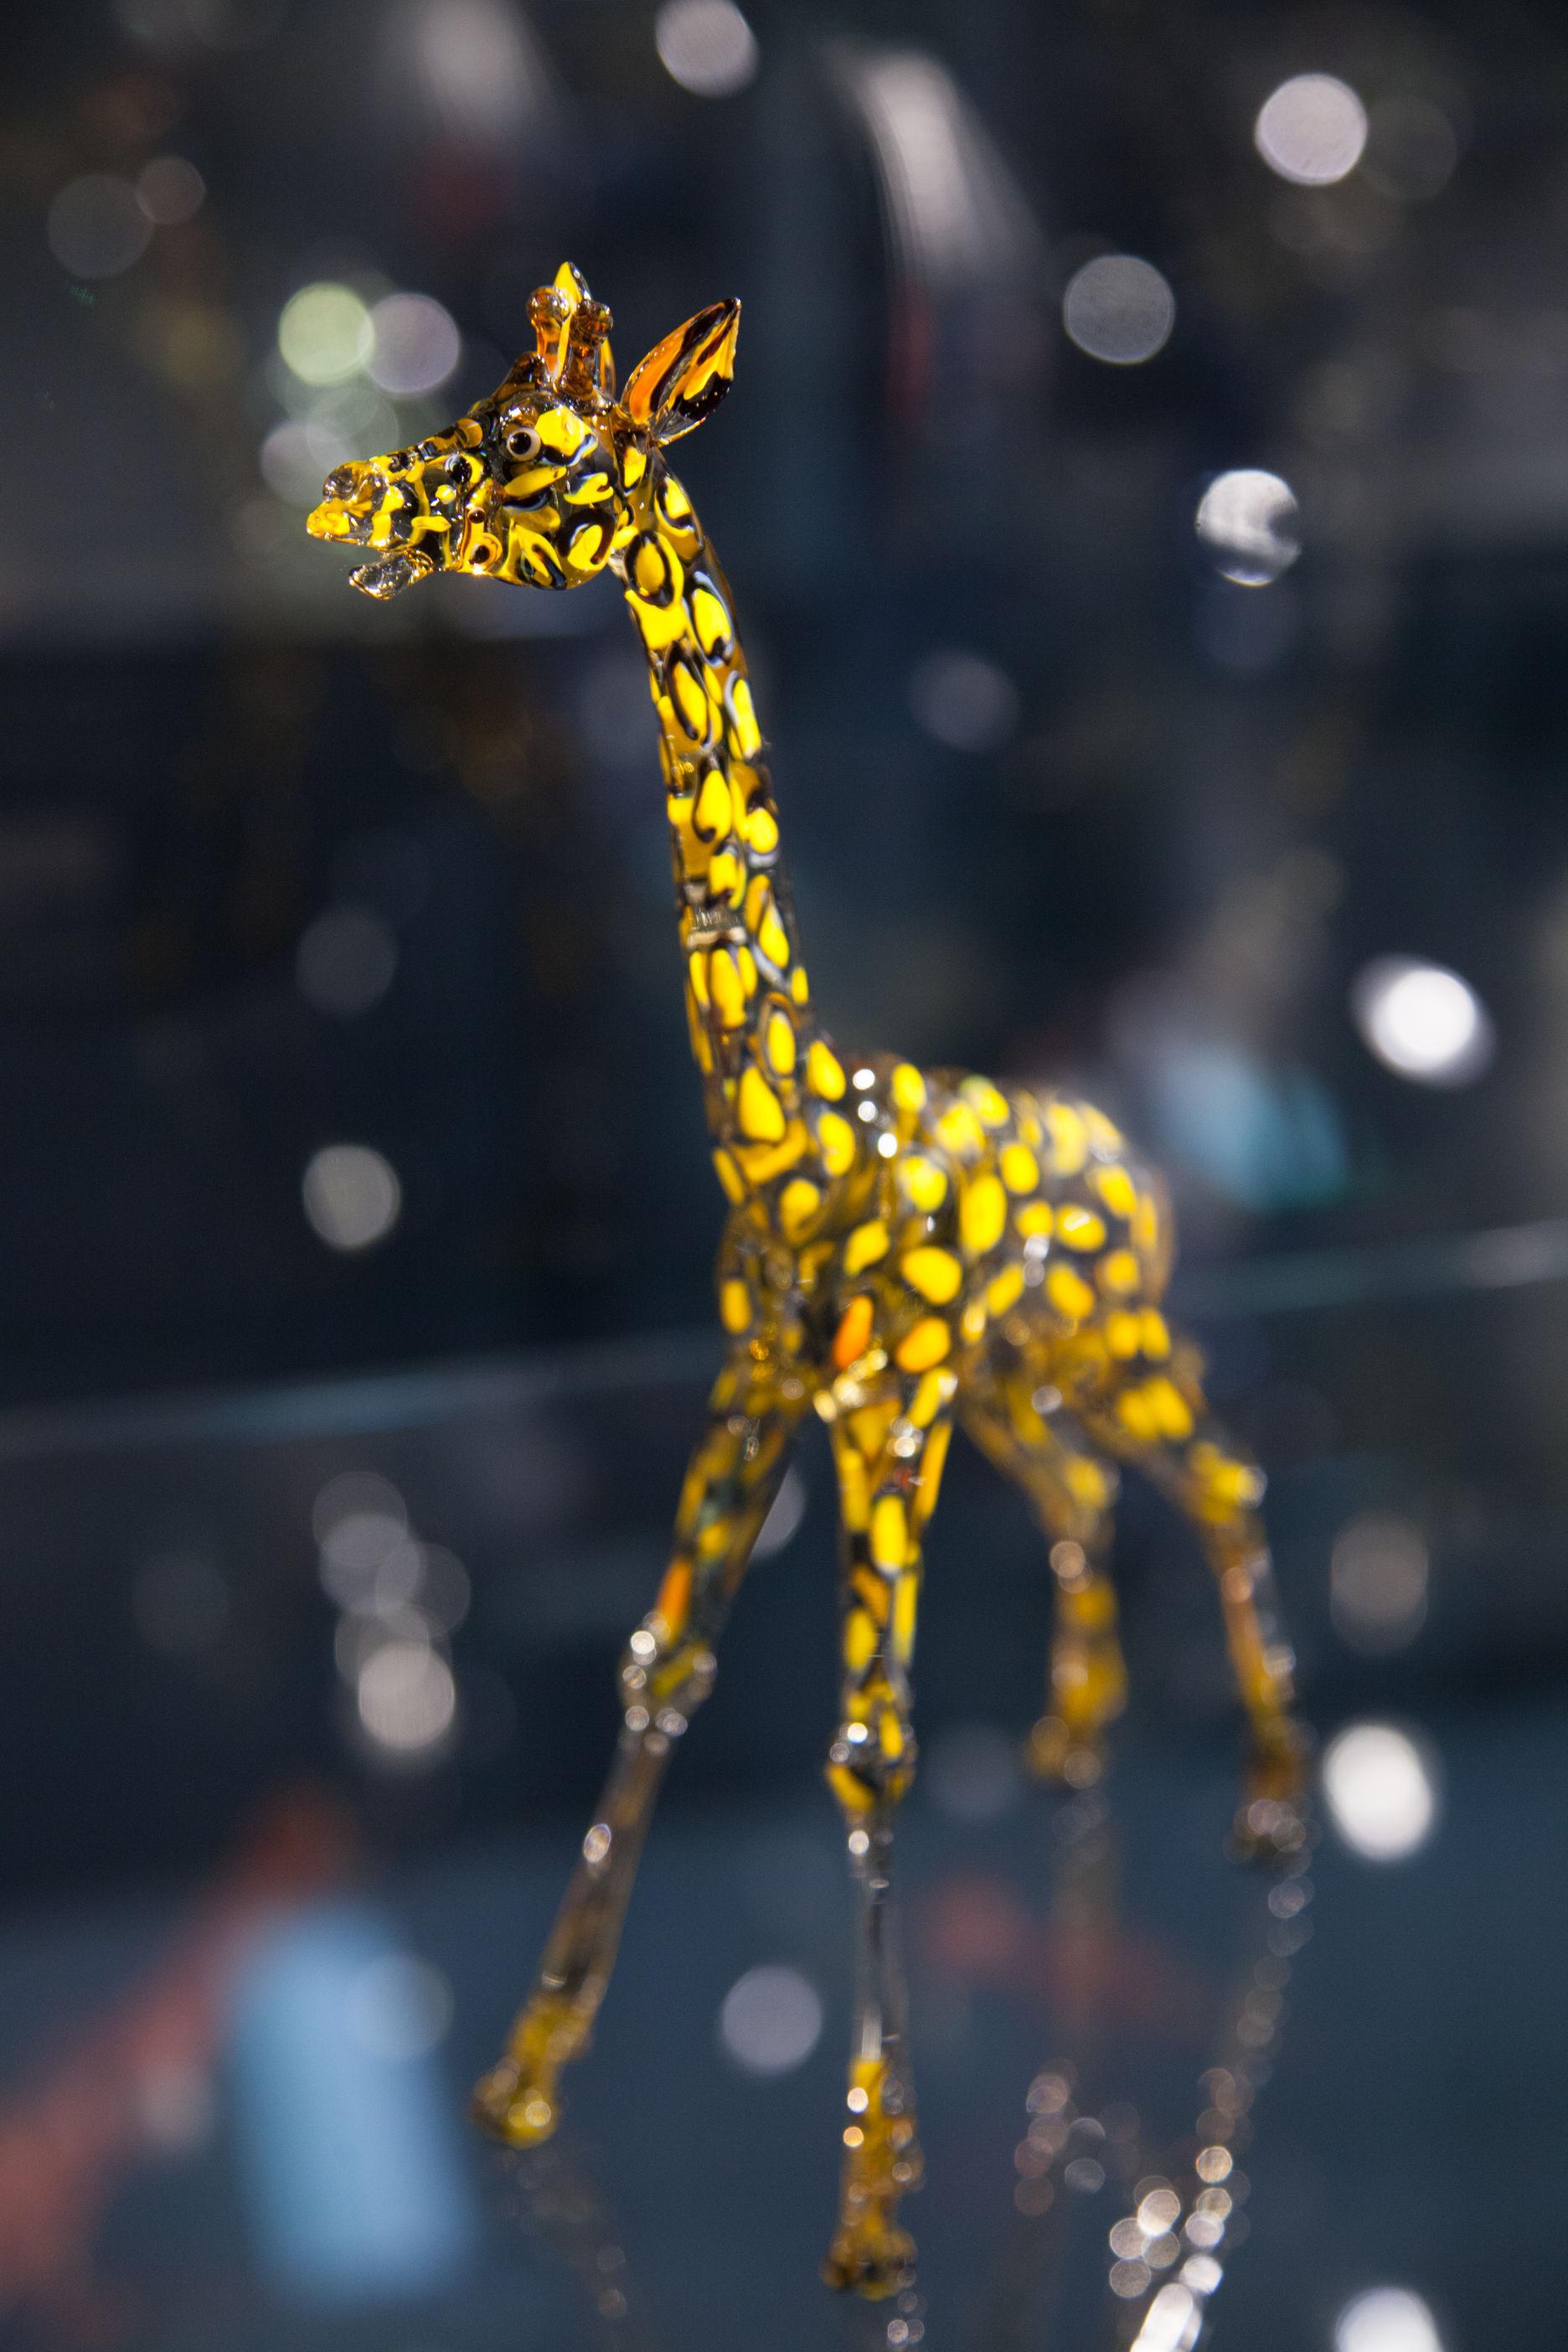 Giraffe_Walter_Boehm-Beck-1947.jpg